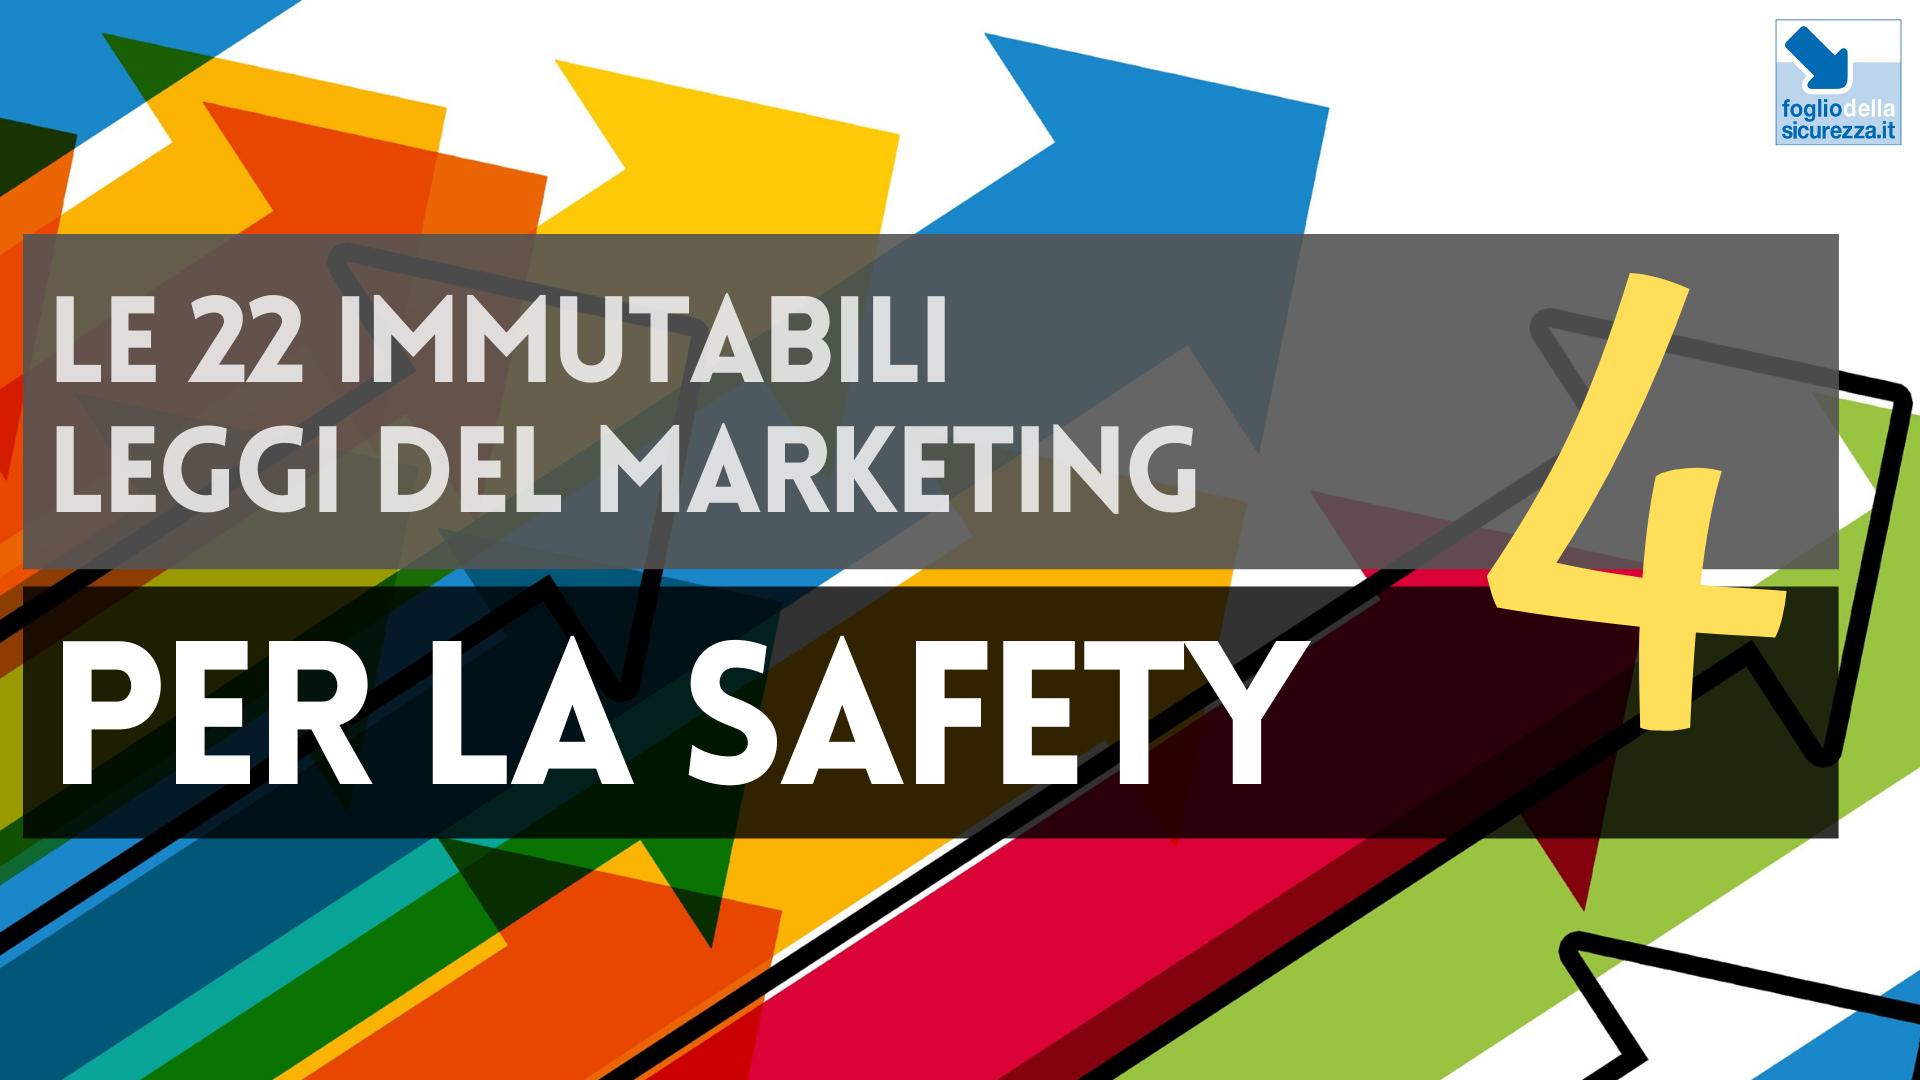 Le 22 immutabili leggi del marketing per la safety 04